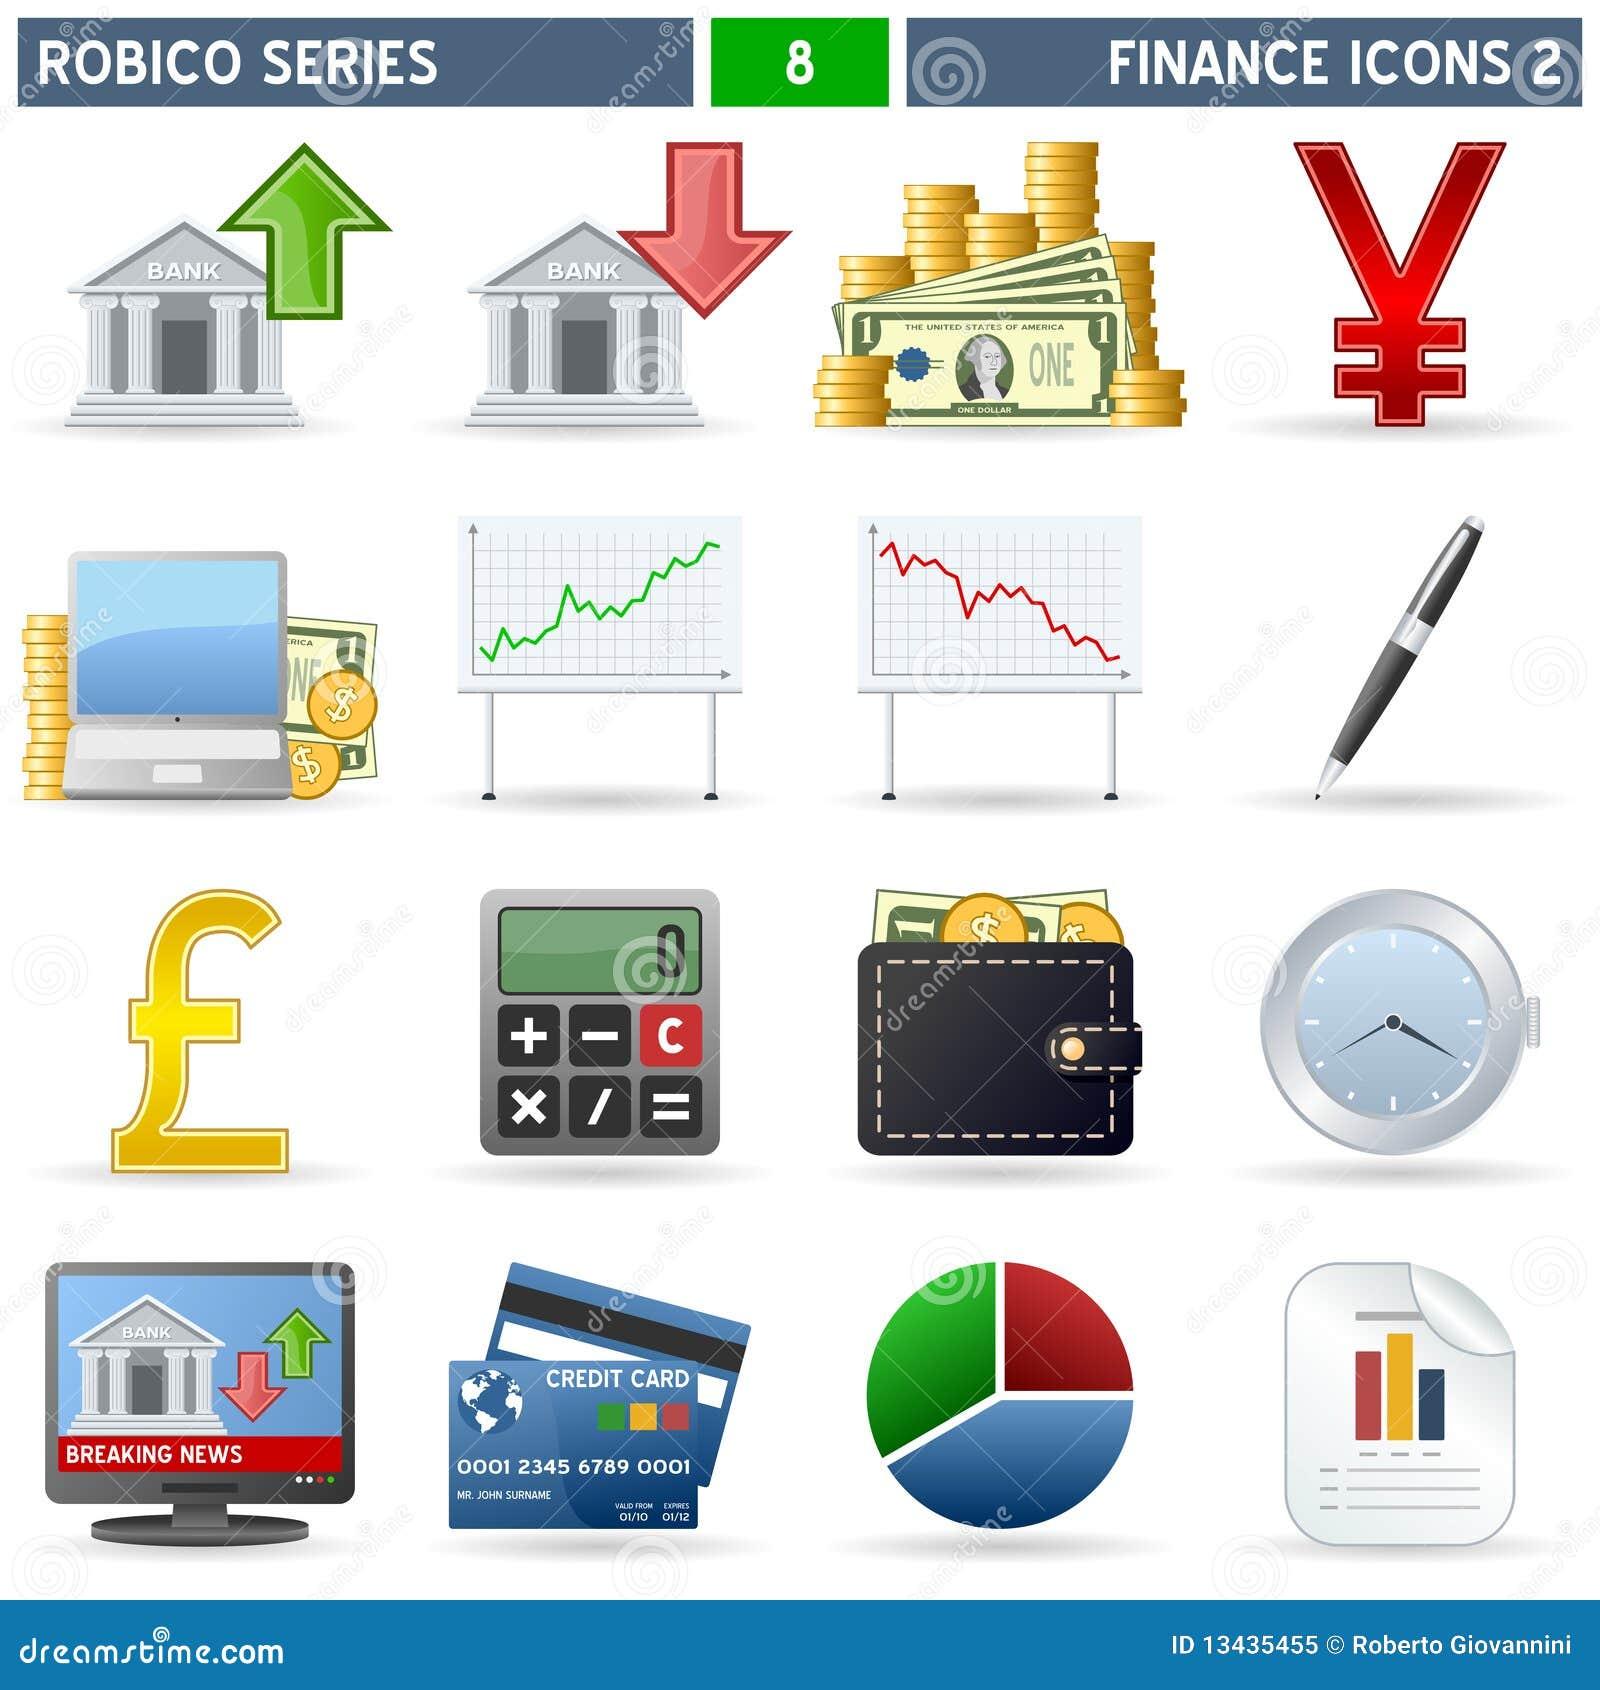 Série de Robico dos ícones da finança [2] -